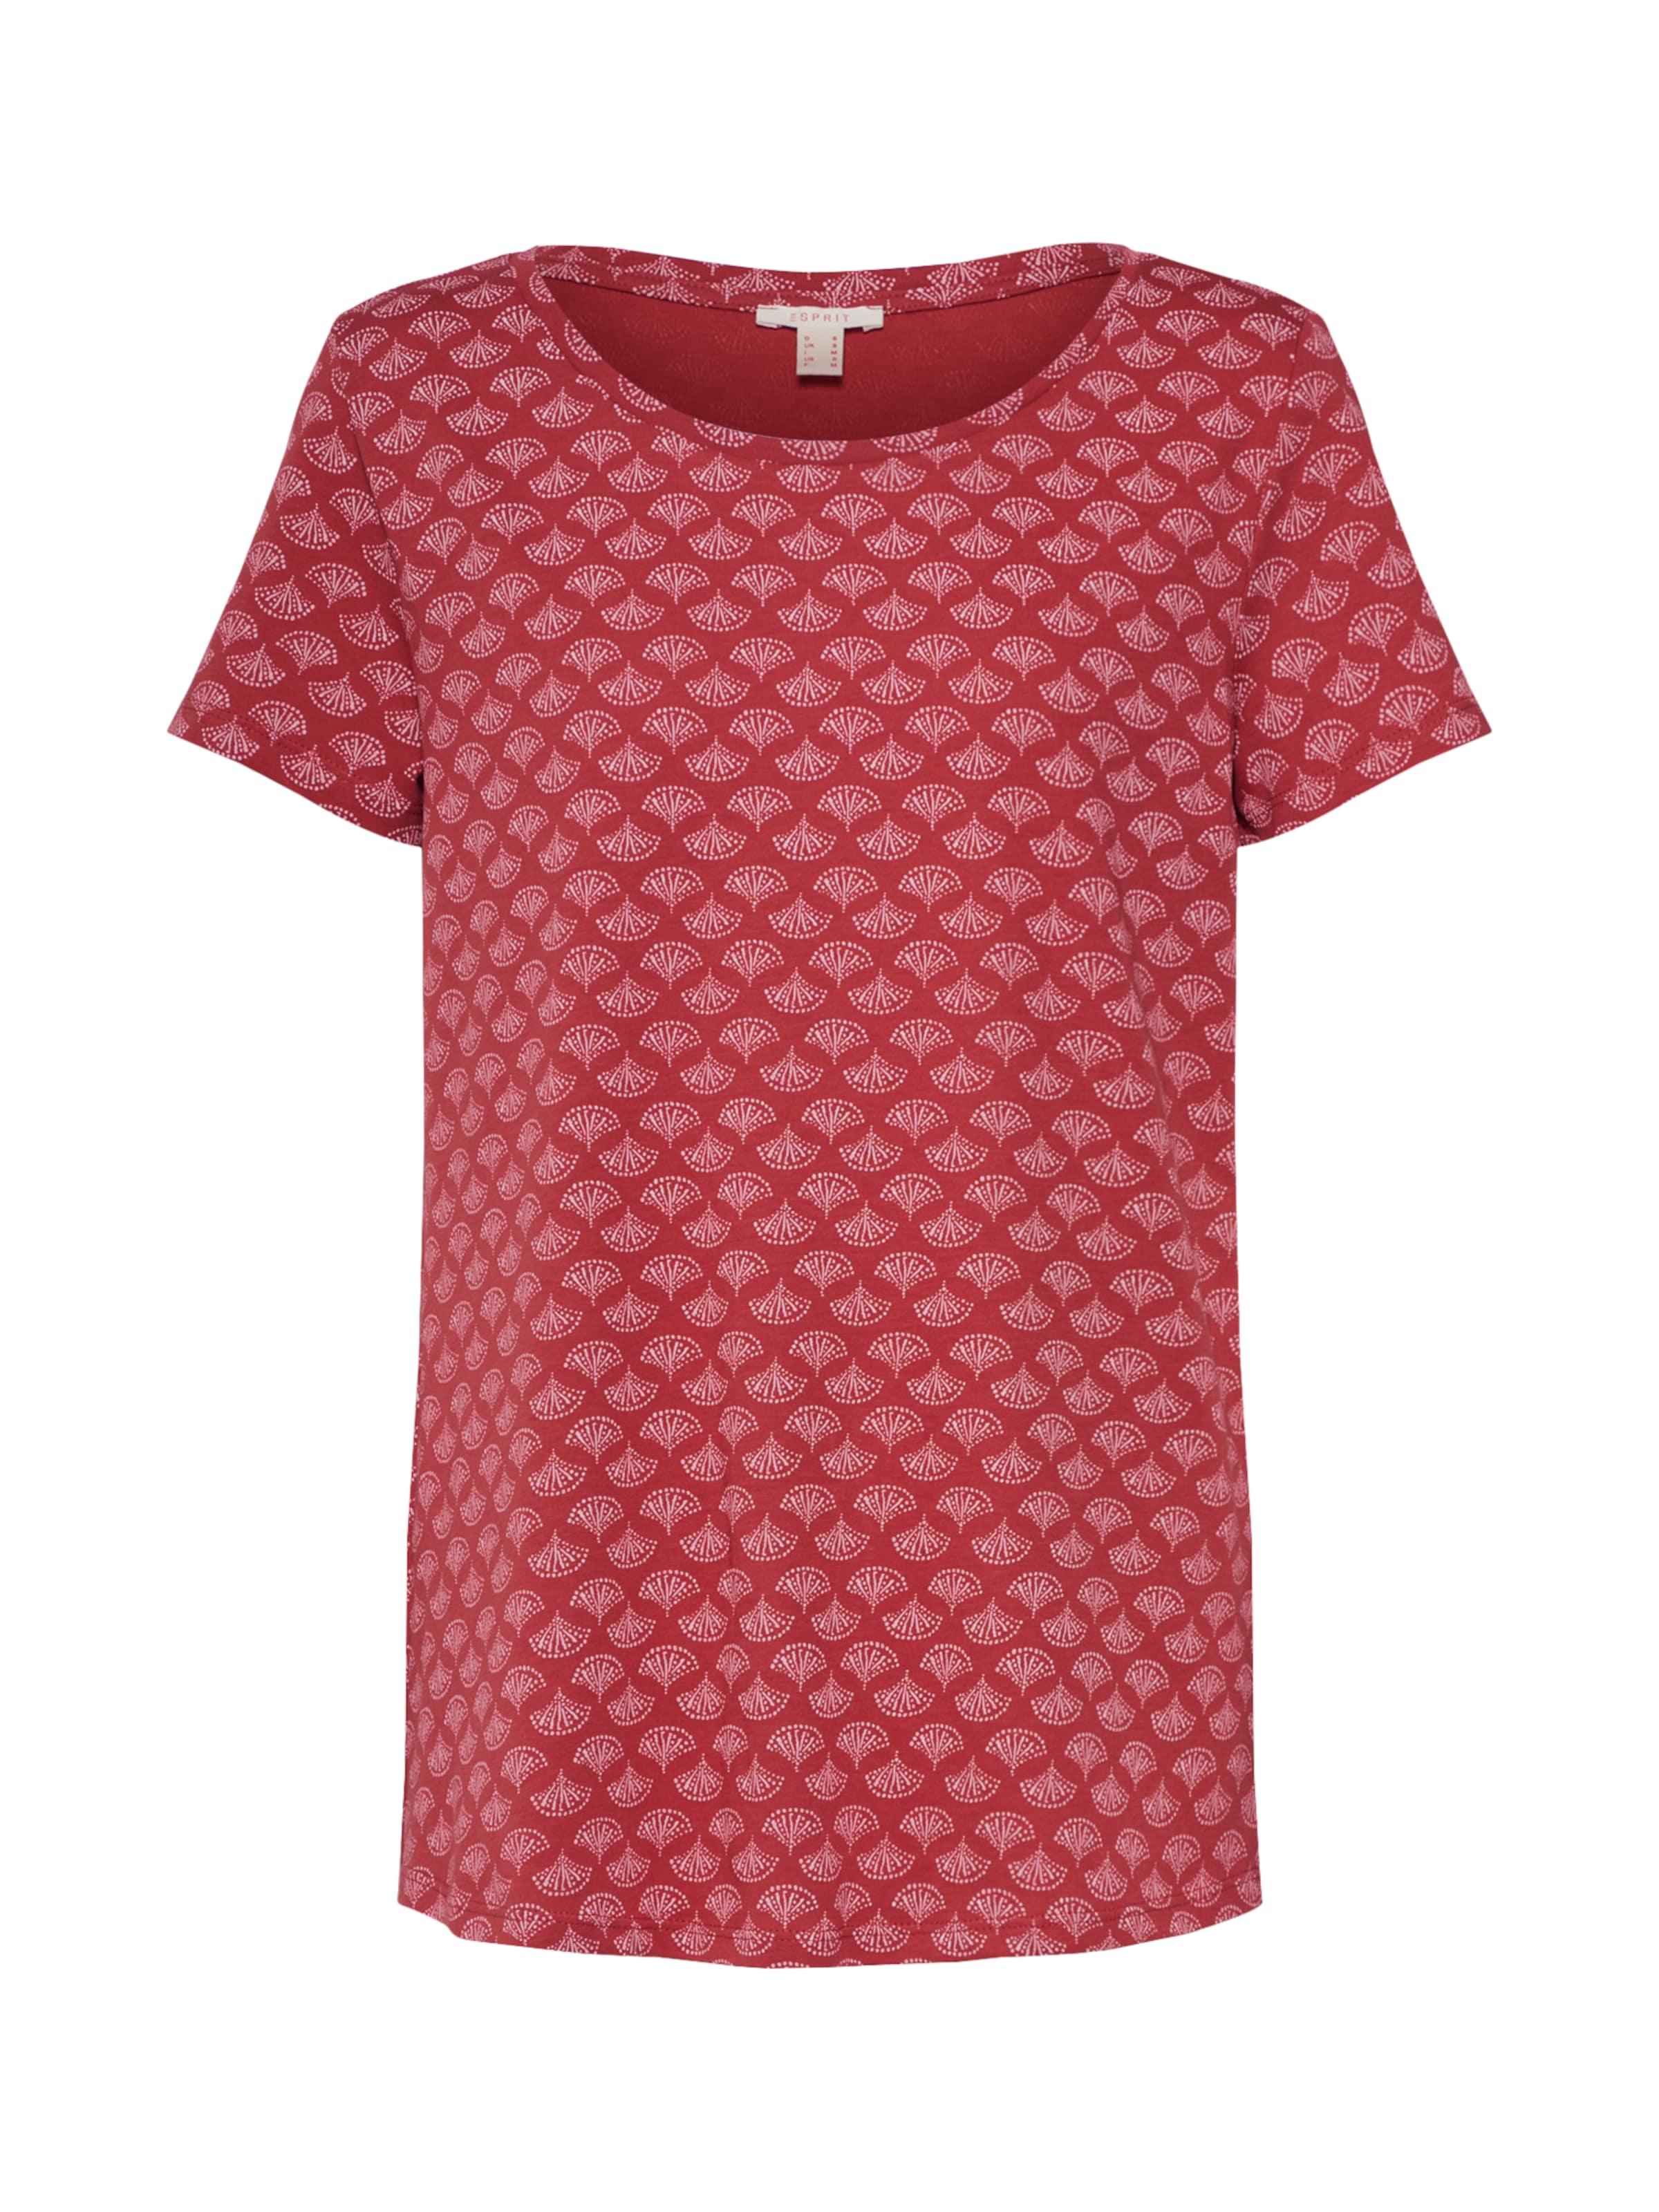 shirt T Esprit NoirBlanc 'aop En Aw' QrdxtBshoC